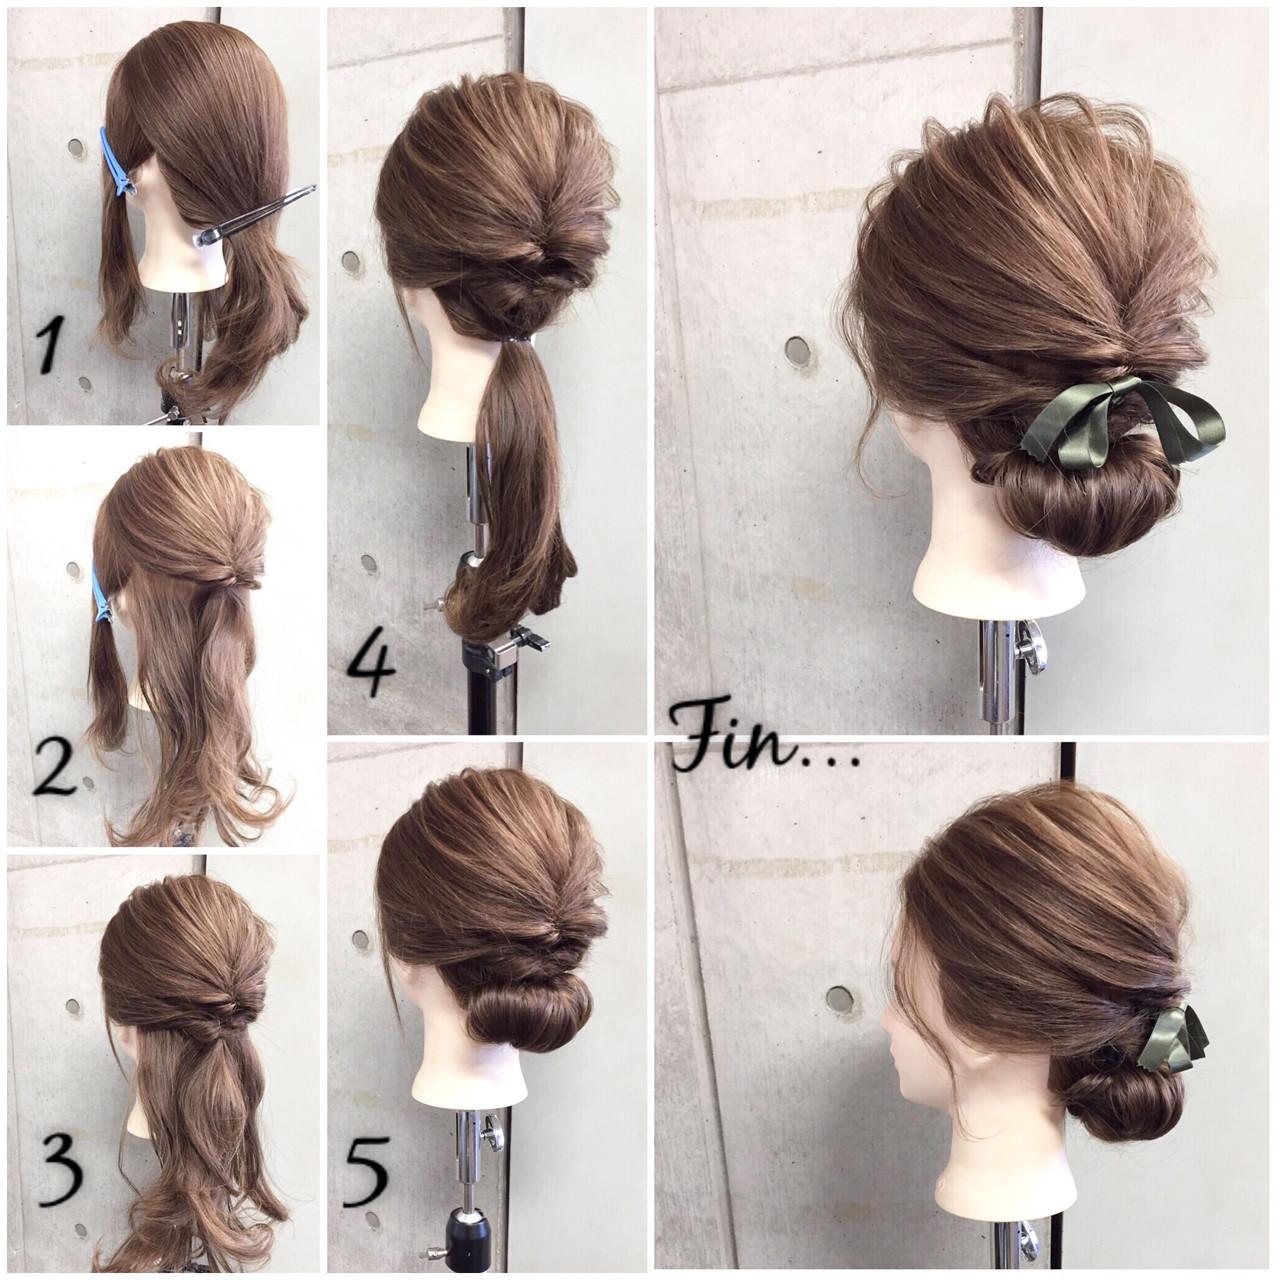 【簡単】オフィス向けセミロングの結び方ガイド♪きれいめまとめ髪で上品に 東海林翔太 LinobyU-REALM